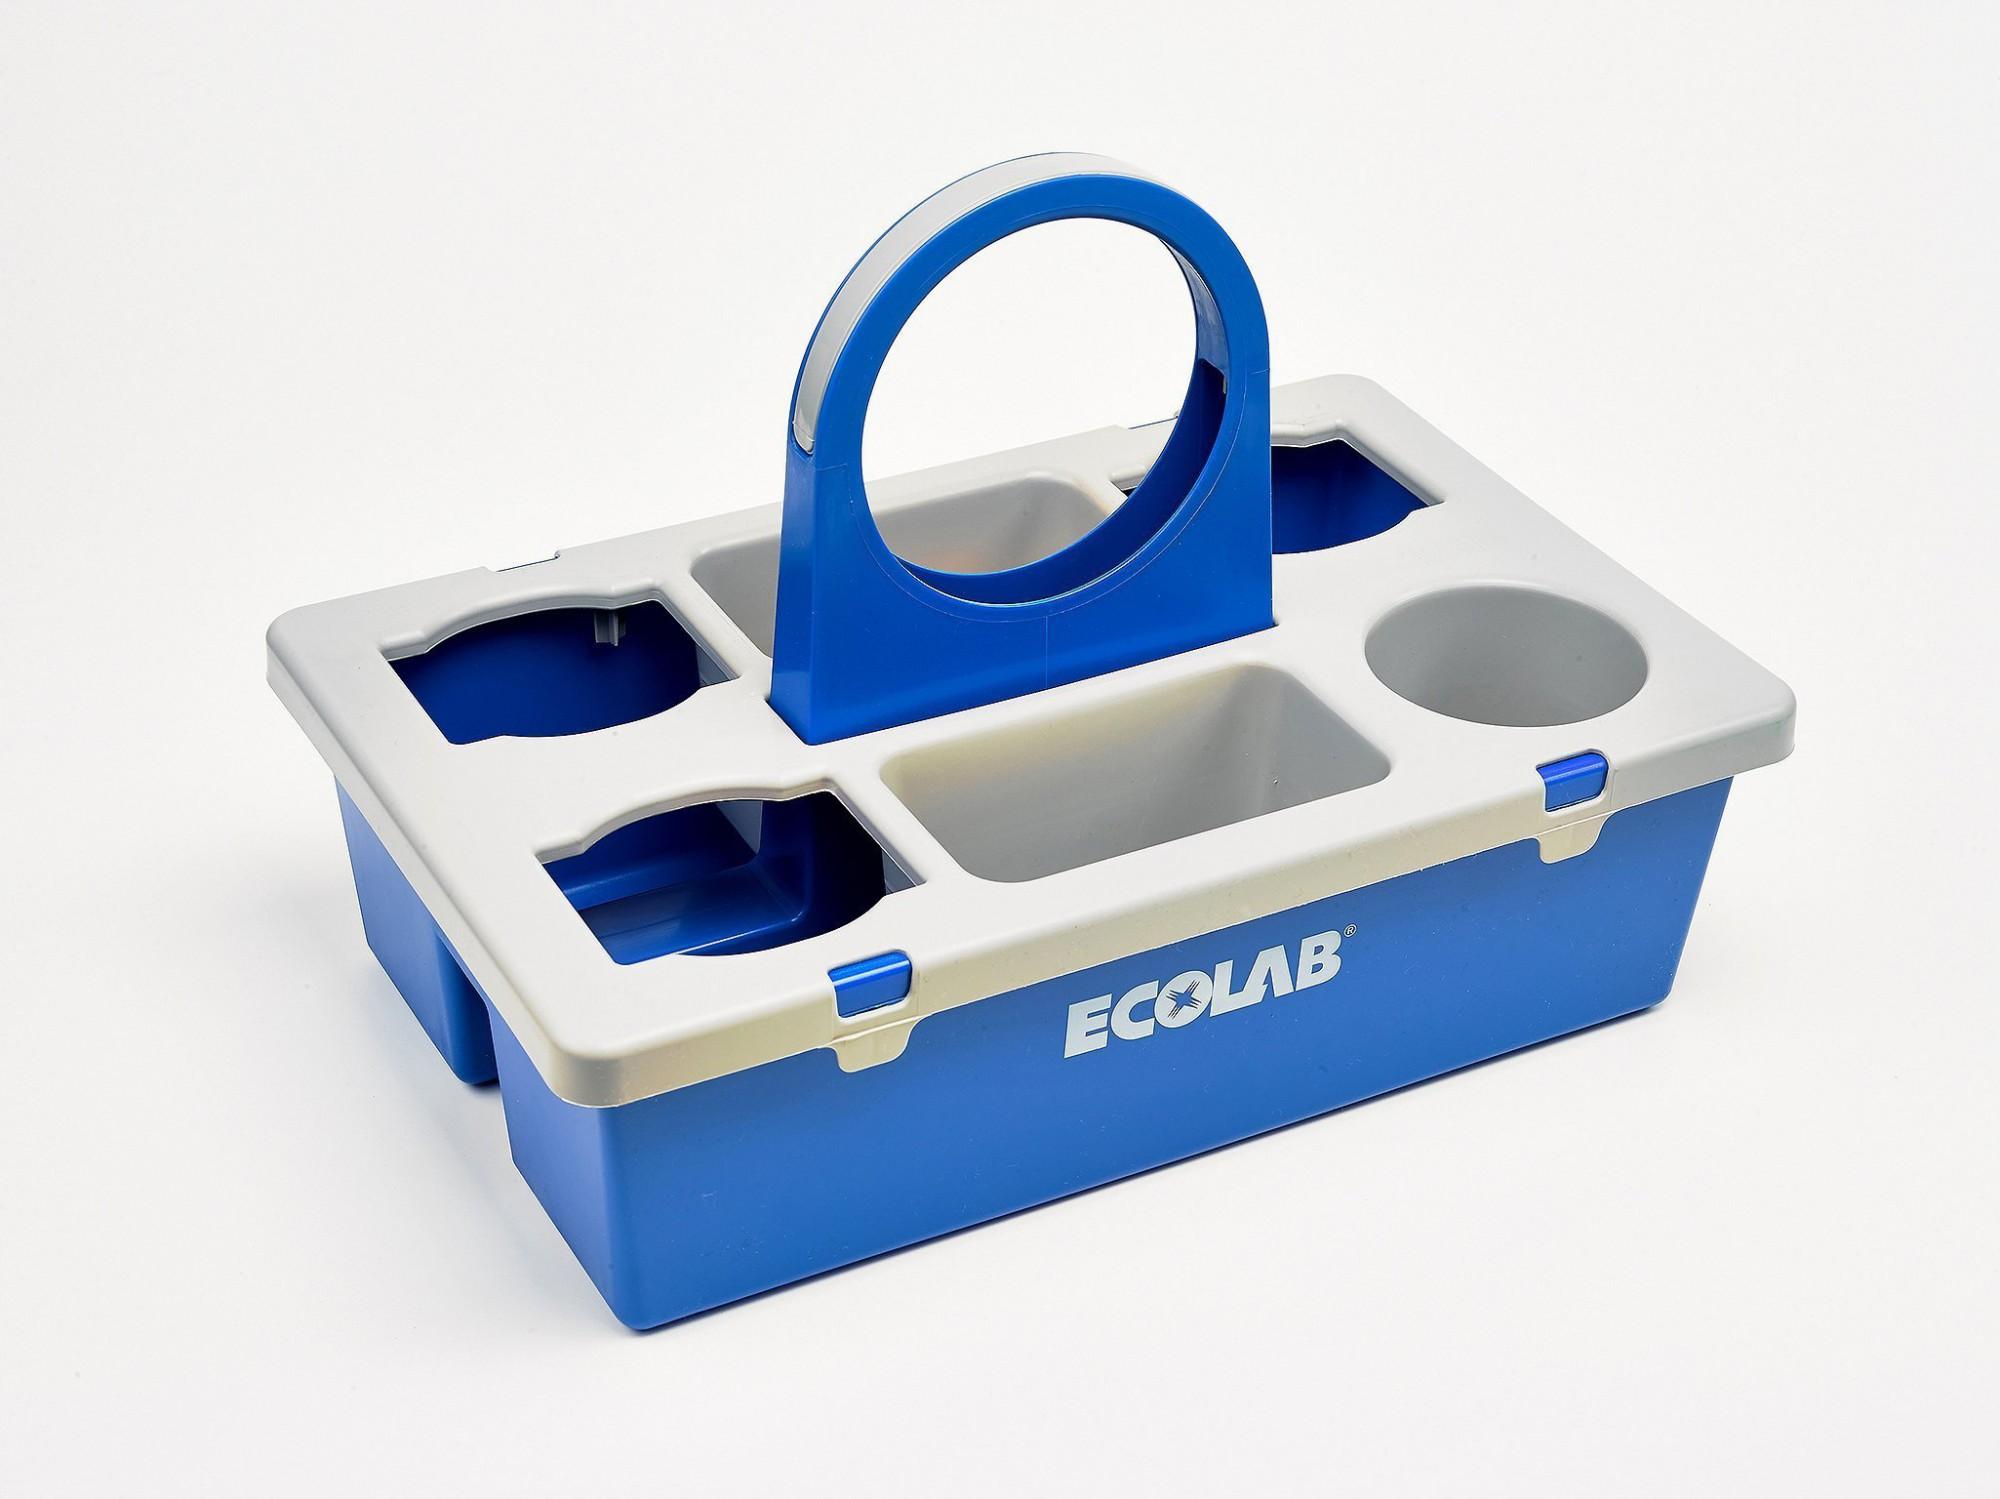 Afbeelding: Studio fotografie packshot kuisproducten voor Ecolab.